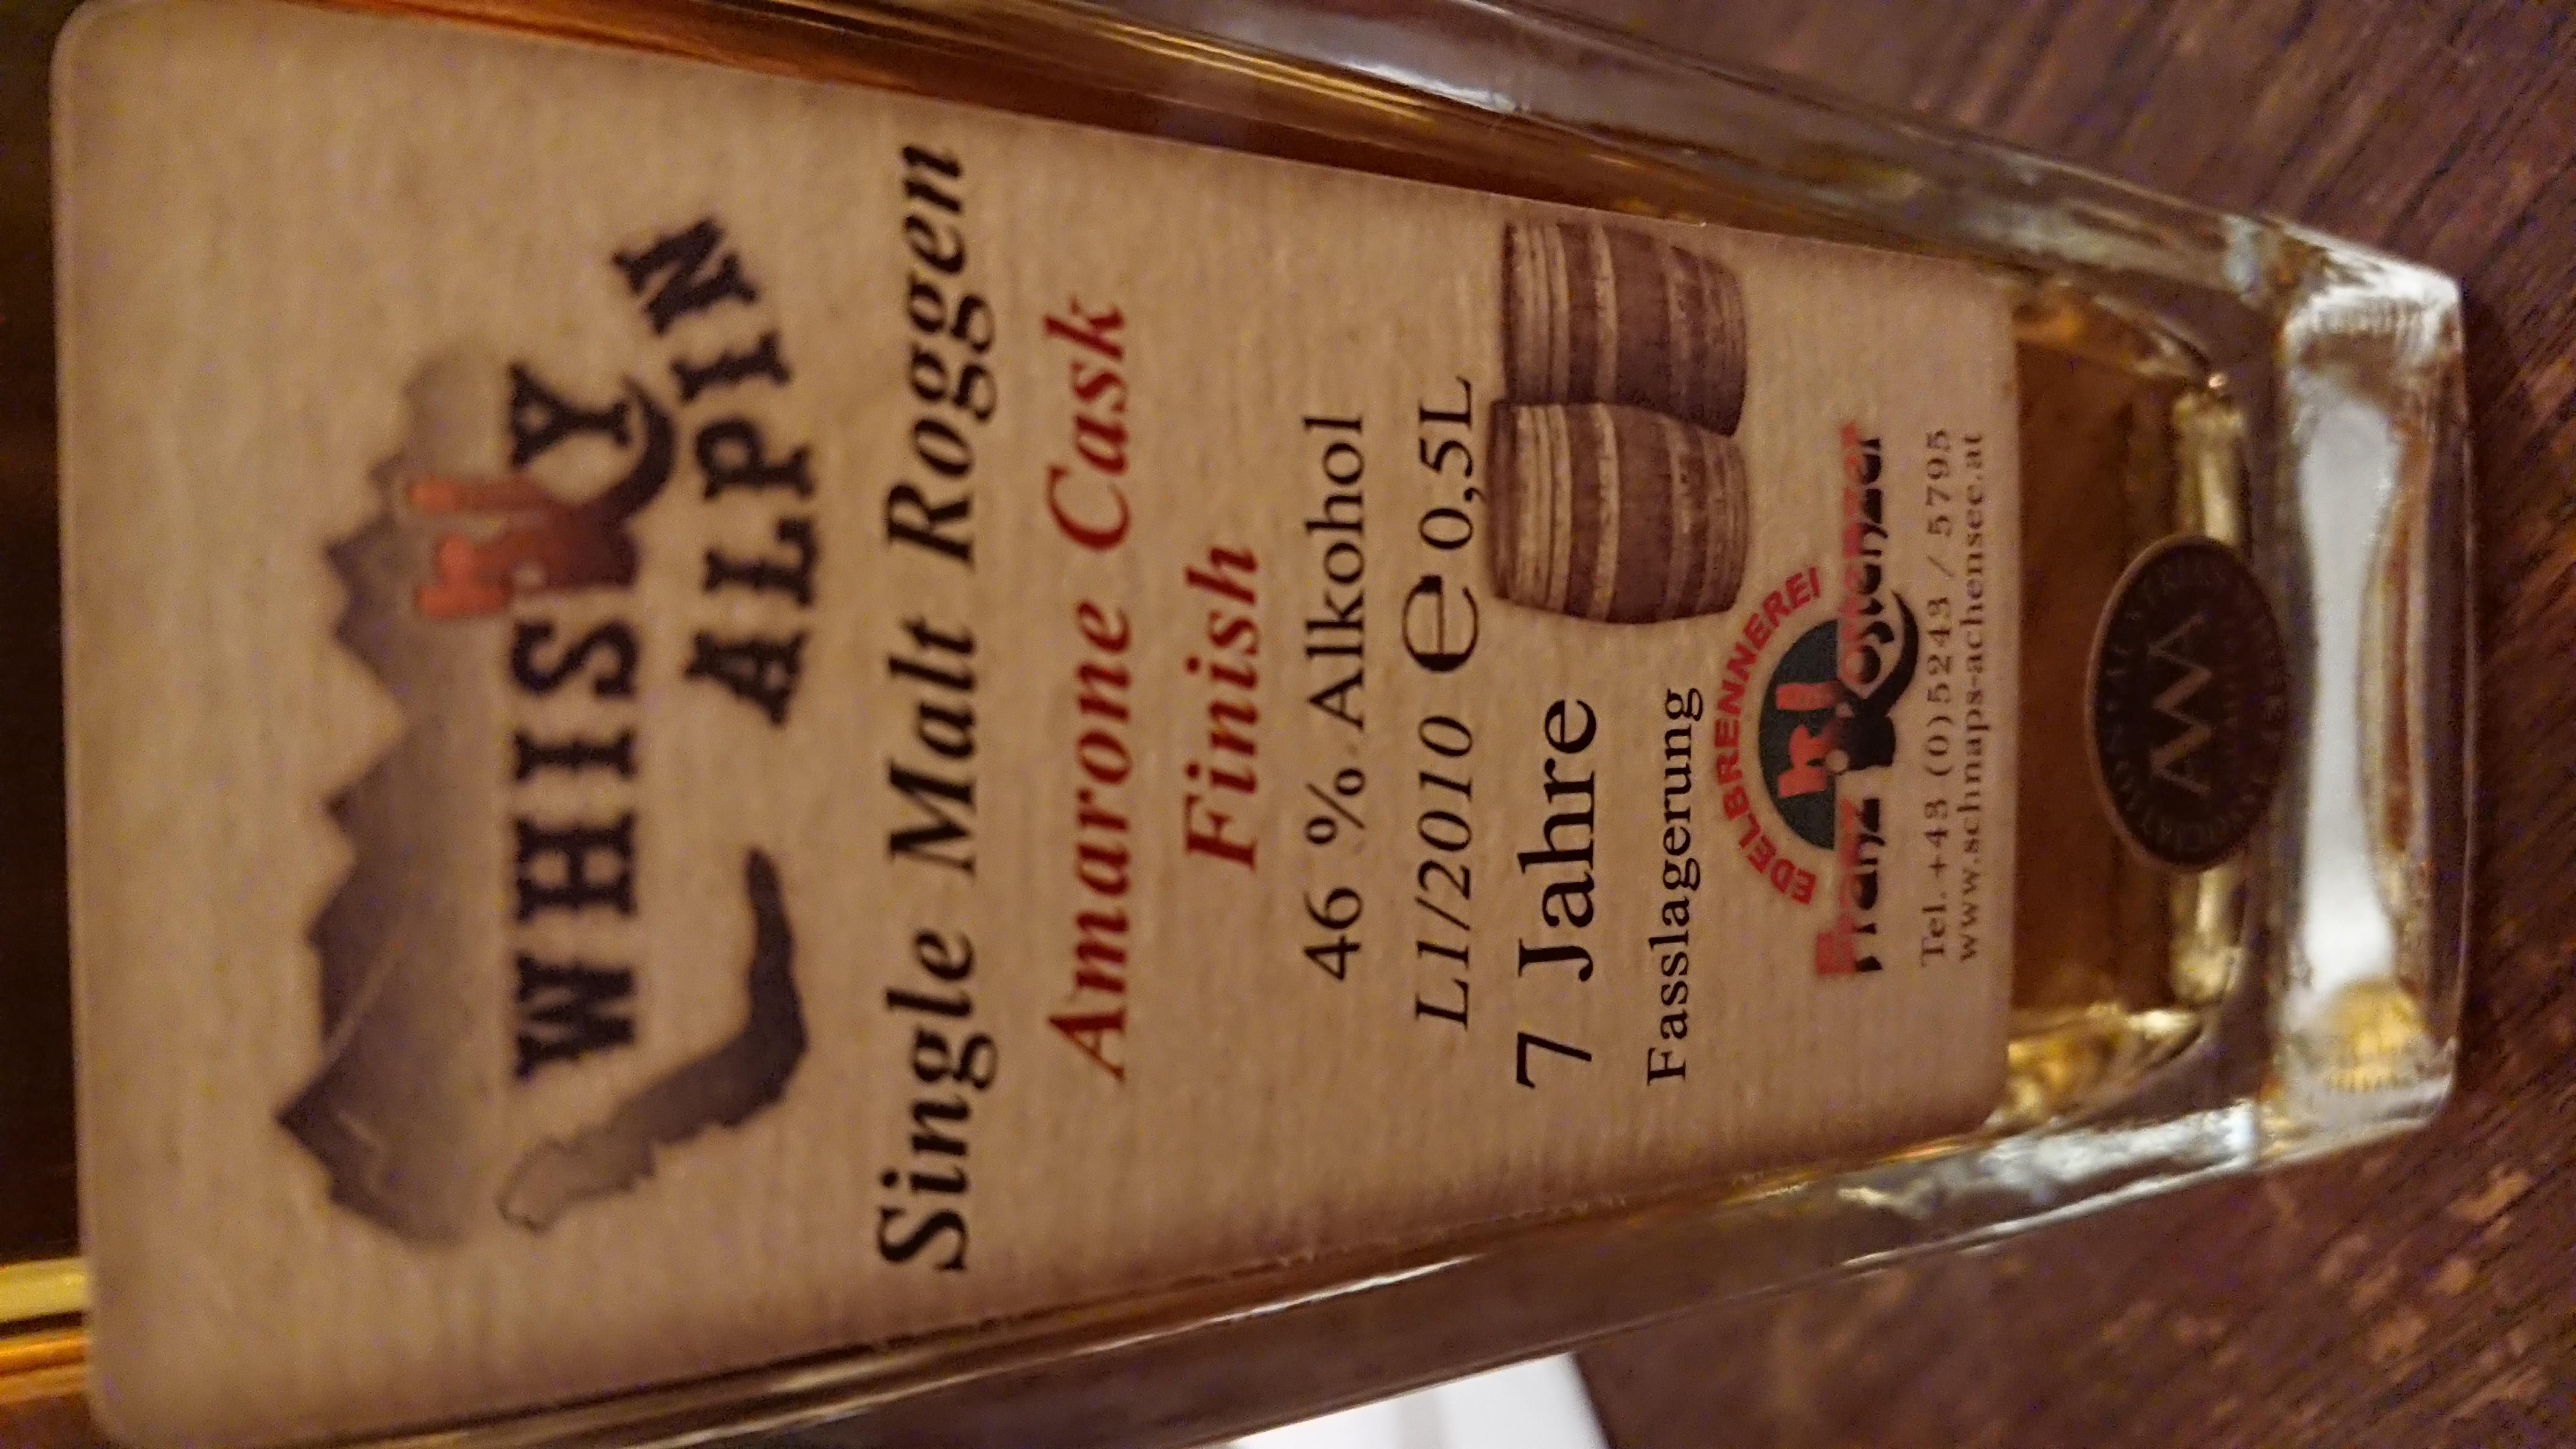 Whisky Alpin Amarone Cask Finish